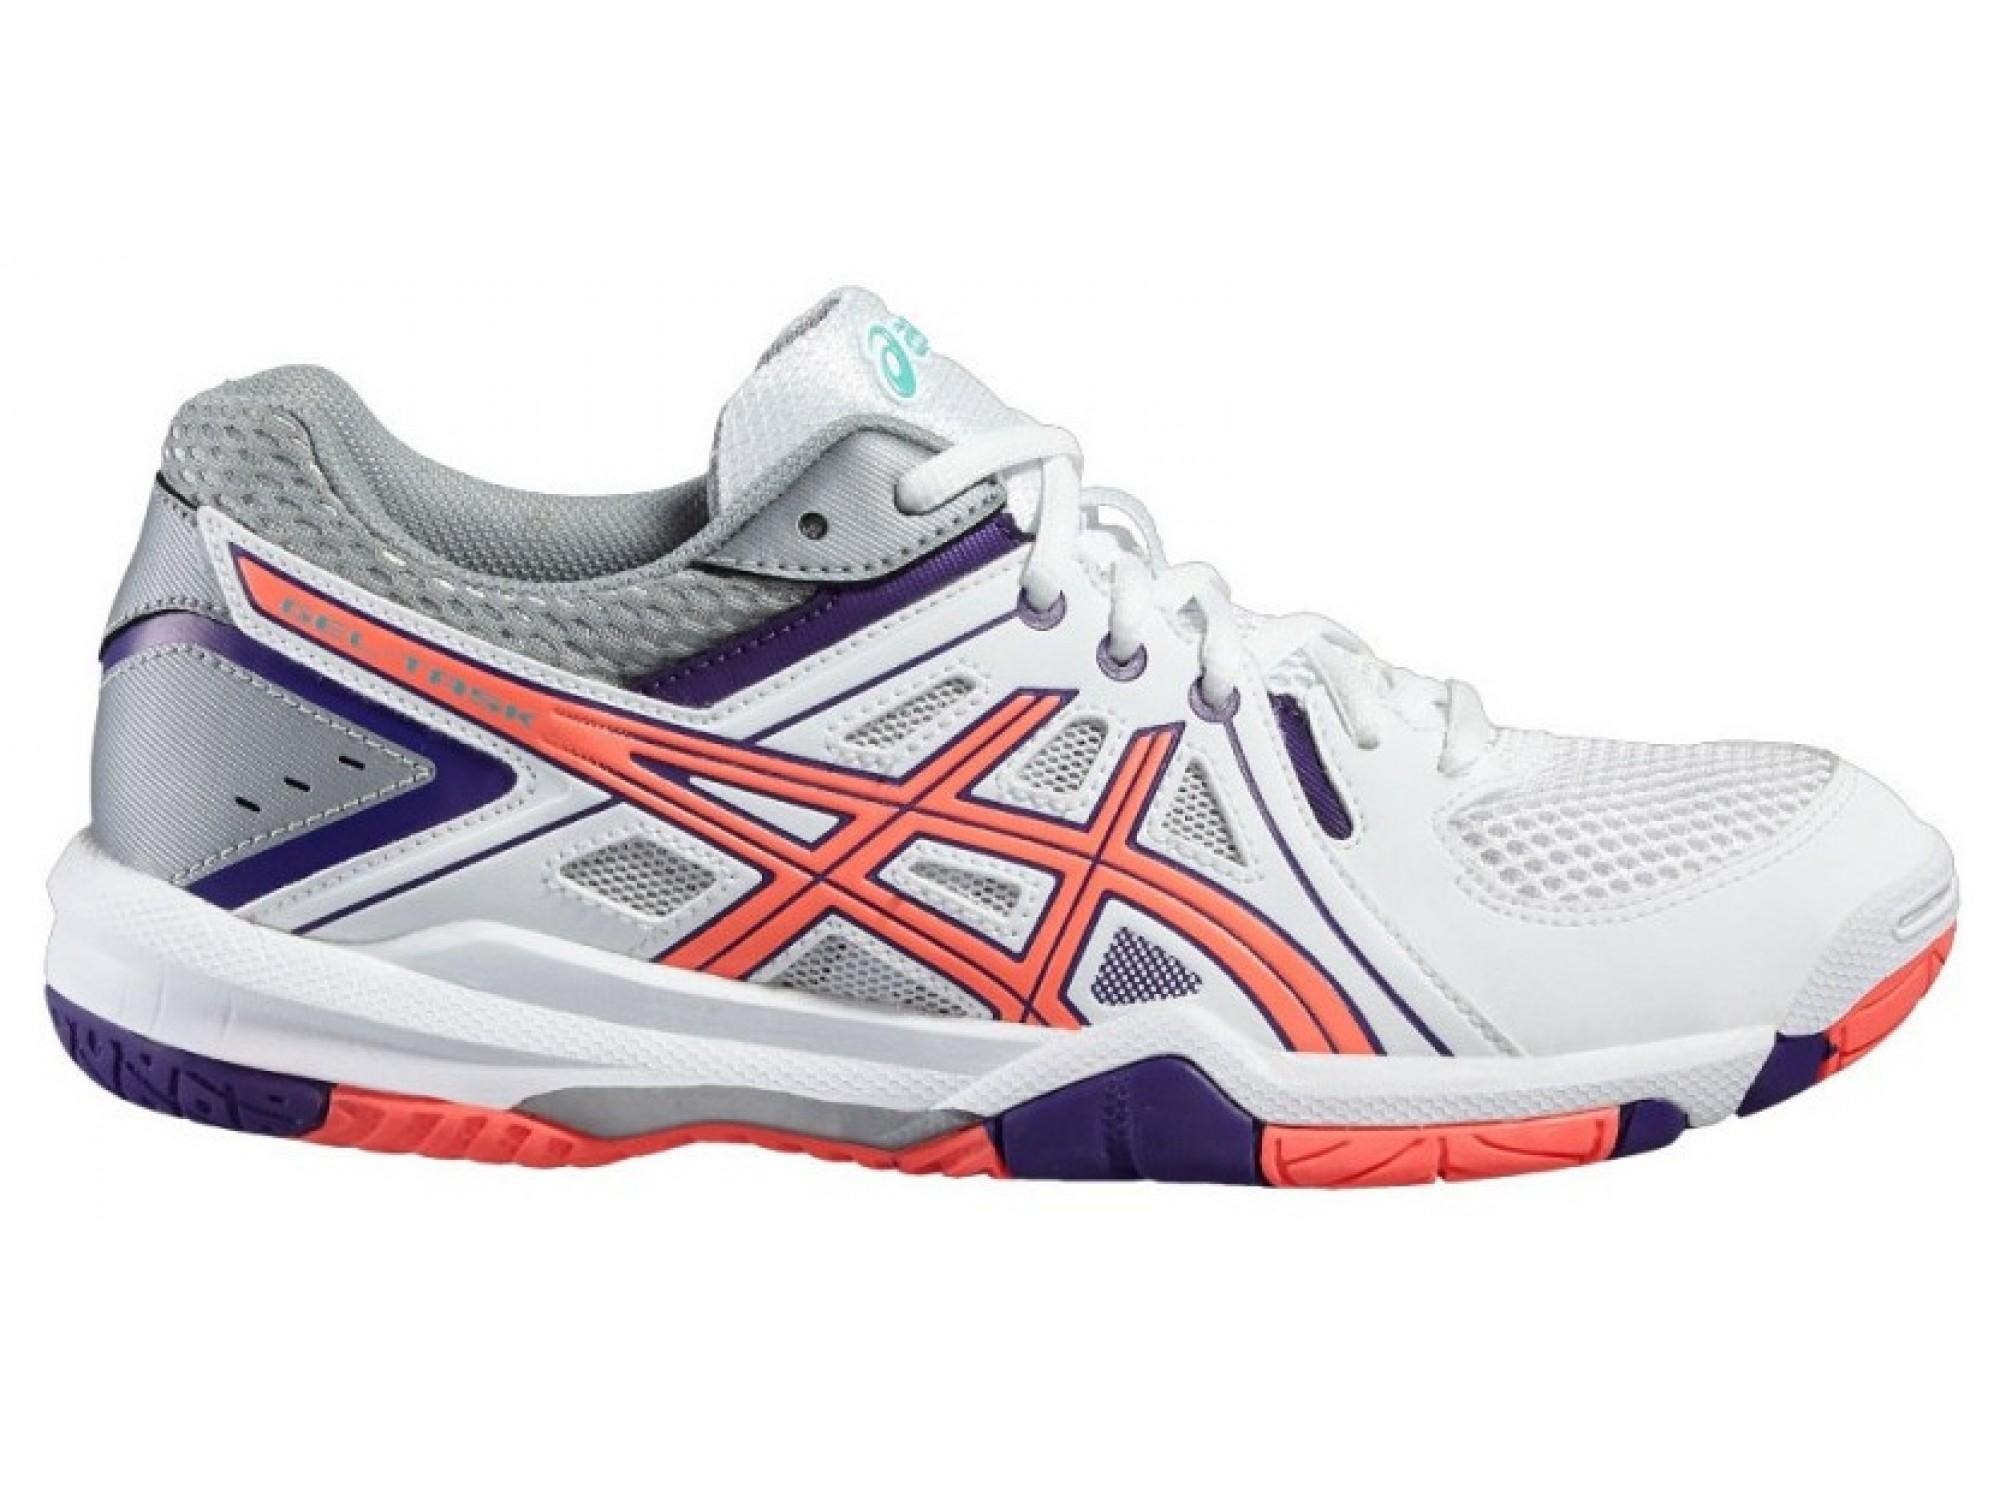 Женские ASICS Gel-Task Волейбольные кроссовки B555Y-0106 купить в ... b87850dc079f1